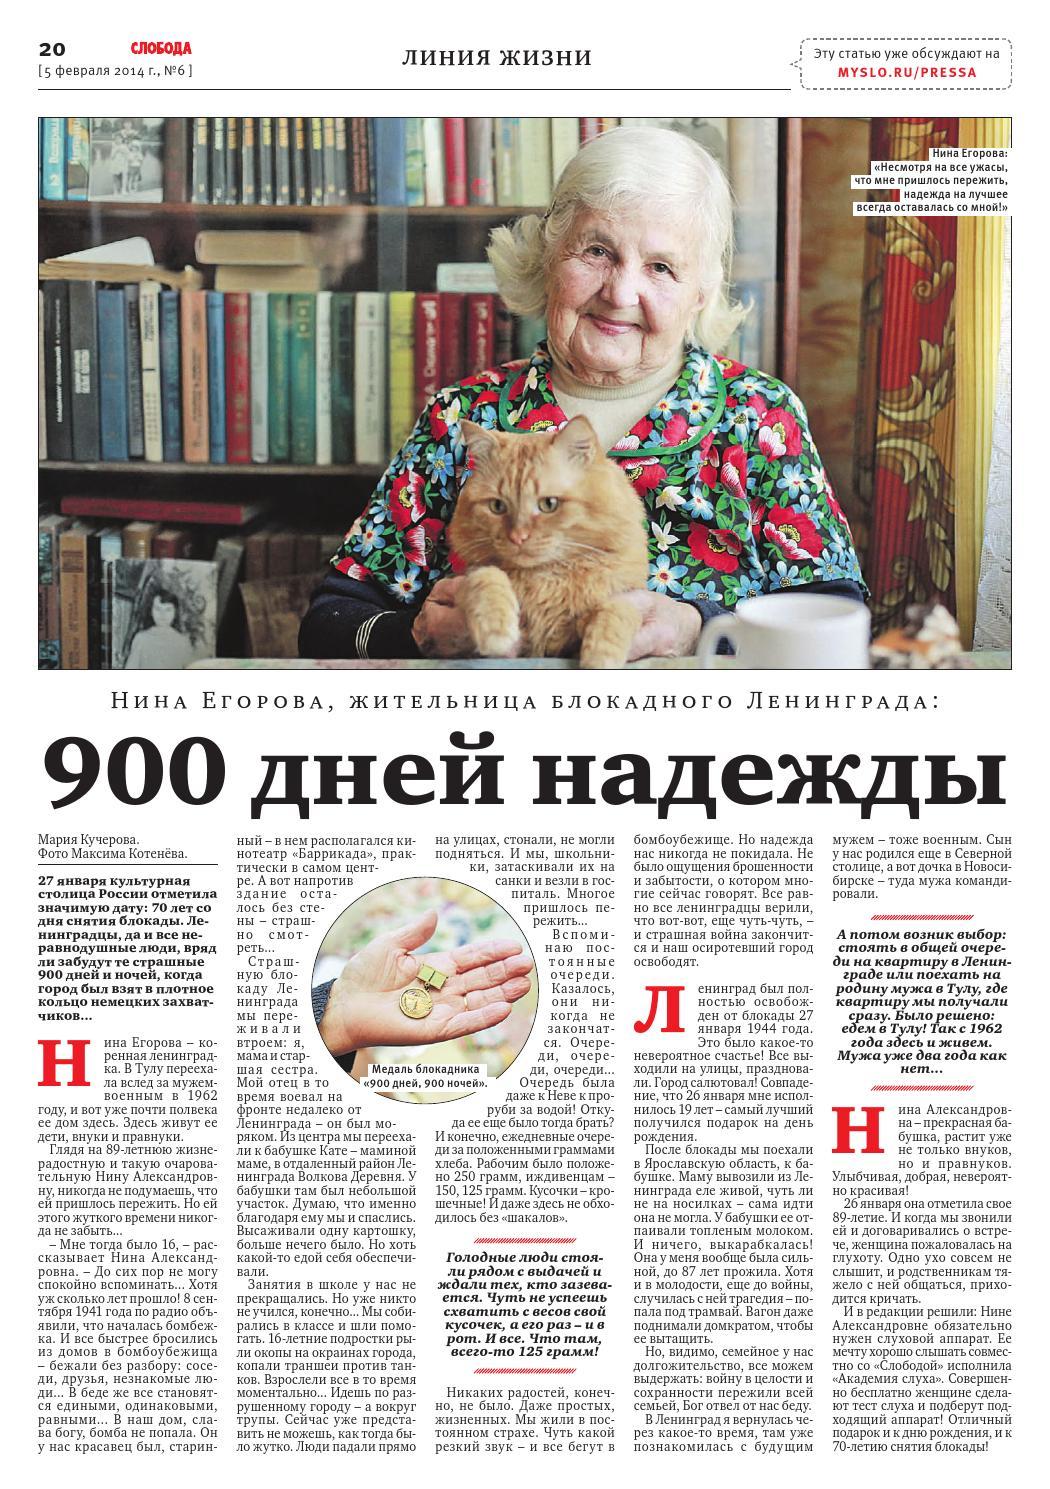 объявления о знакомстве в газете слобода тула